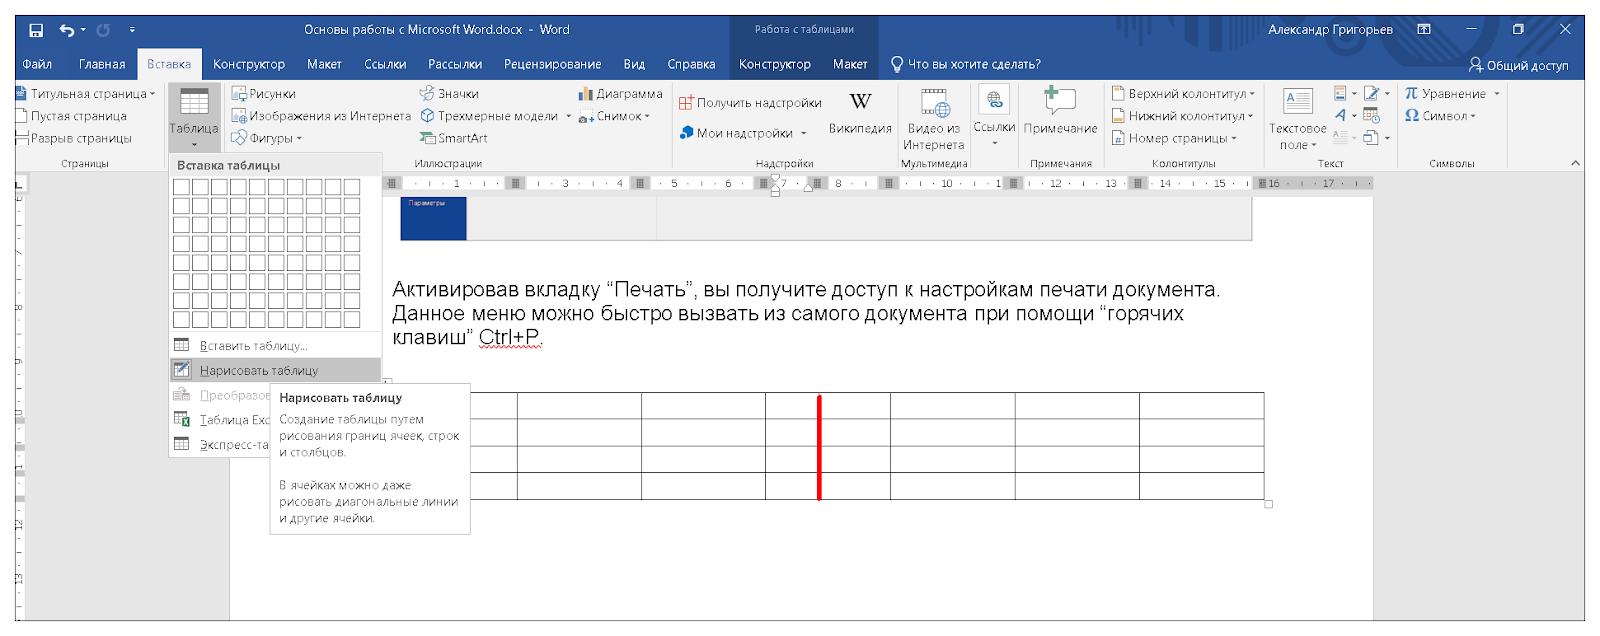 """для добавления разделительных линий используйте """"нарисовать таблицу"""" в ворде"""